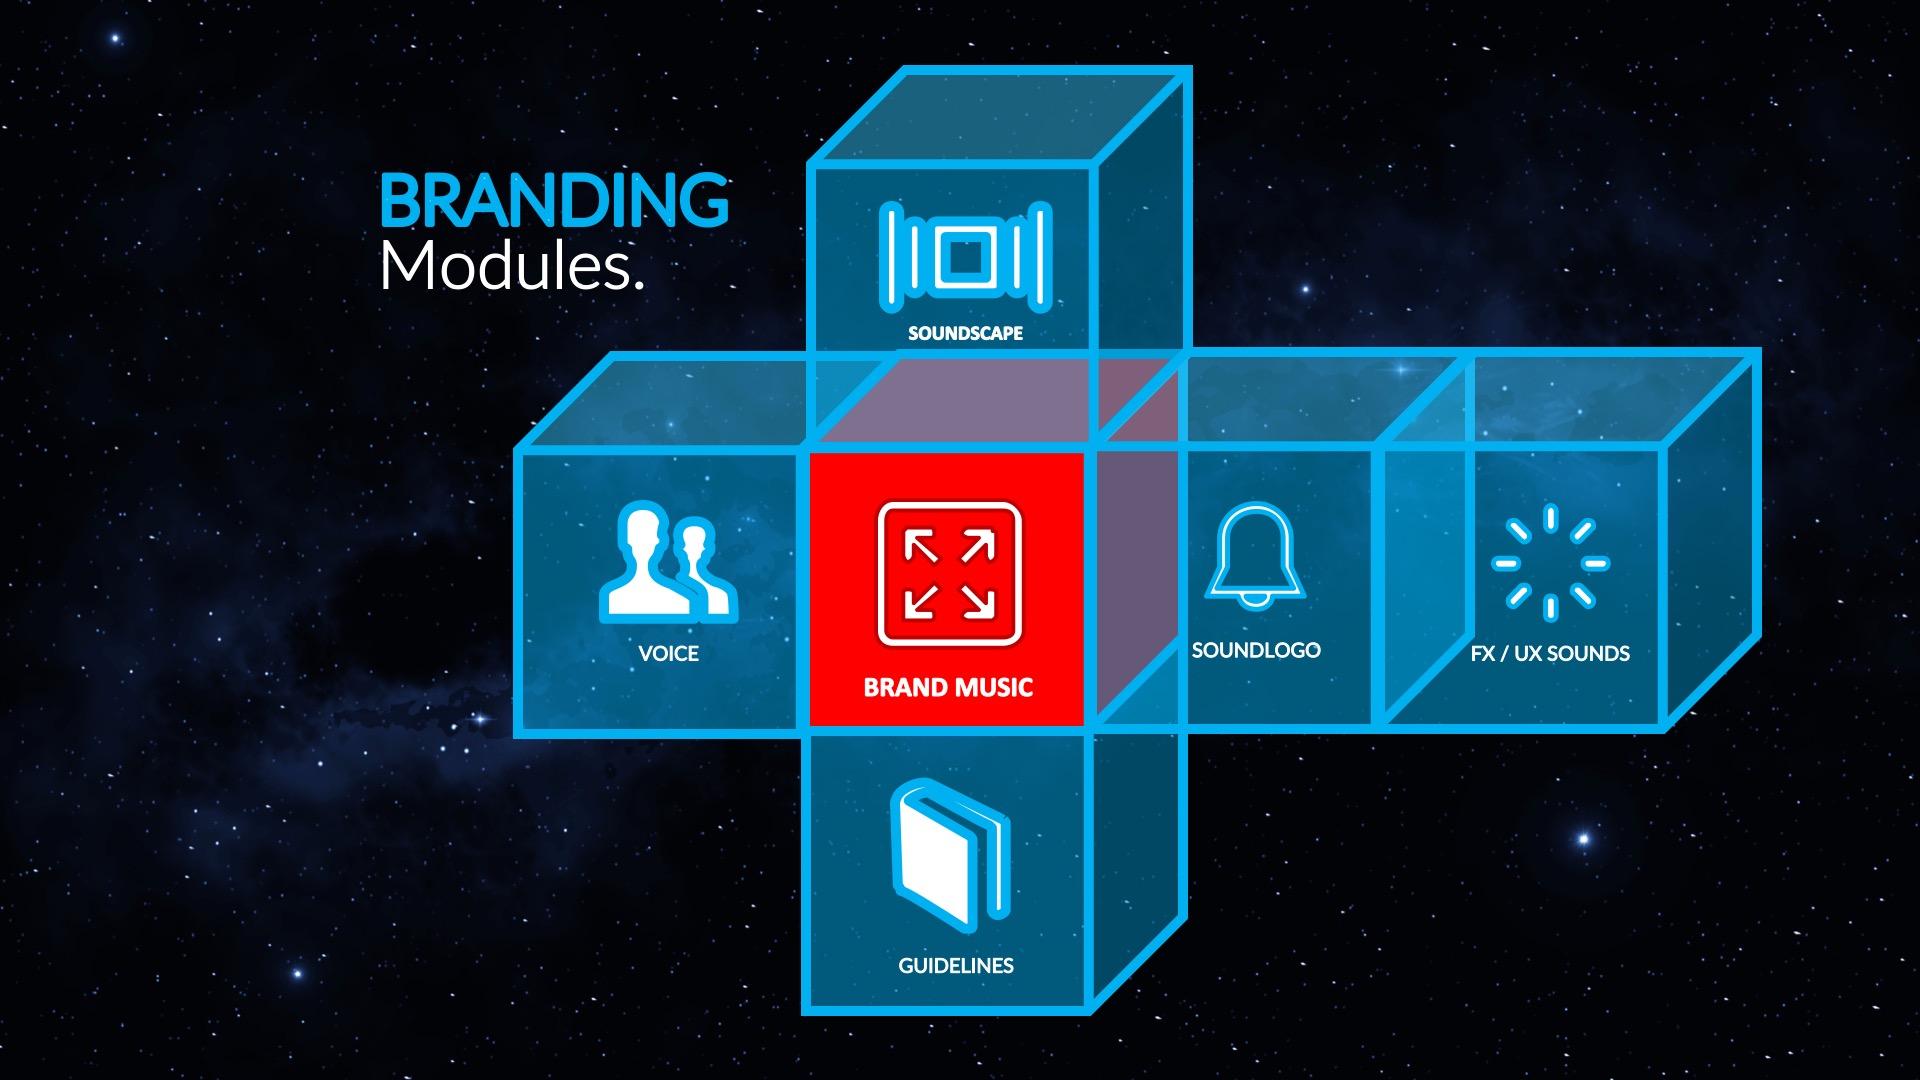 Akustisches Marken-Setup - Alle Bausteine für den Aufbau einer akustischen Marke. Wir erweitern das Konzept dynamisch, passen es an aktuelle Trends an, gestalten Kontaktpunkte und berücksichtigen dabei die Weiterentwicklungen des Unternehmens und der visuellen Marke.